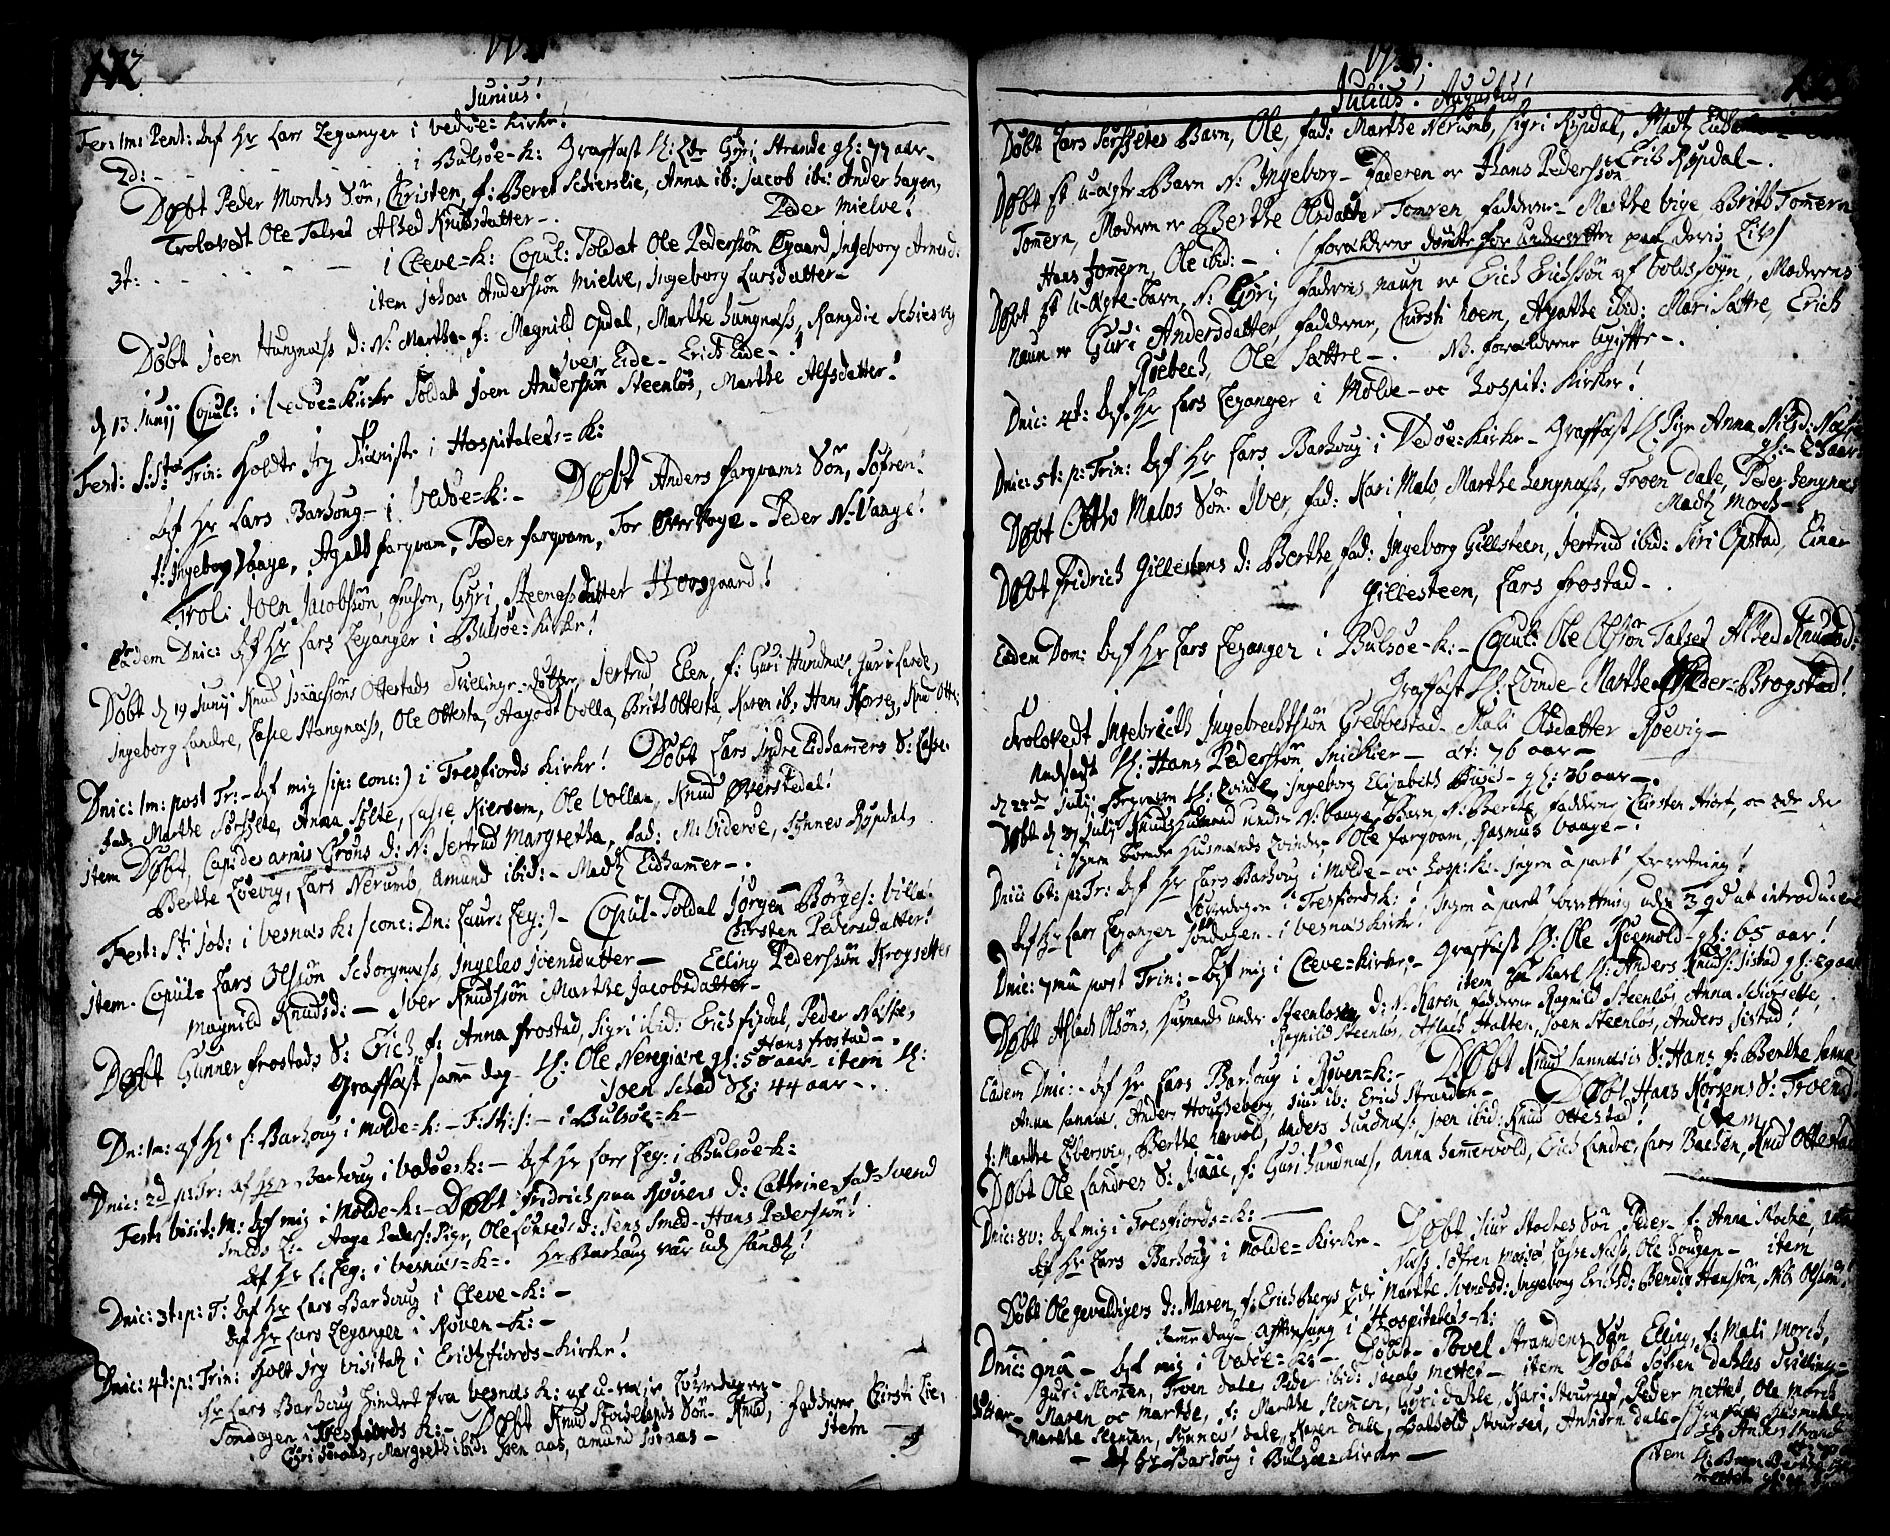 SAT, Ministerialprotokoller, klokkerbøker og fødselsregistre - Møre og Romsdal, 547/L0599: Ministerialbok nr. 547A01, 1721-1764, s. 174-175